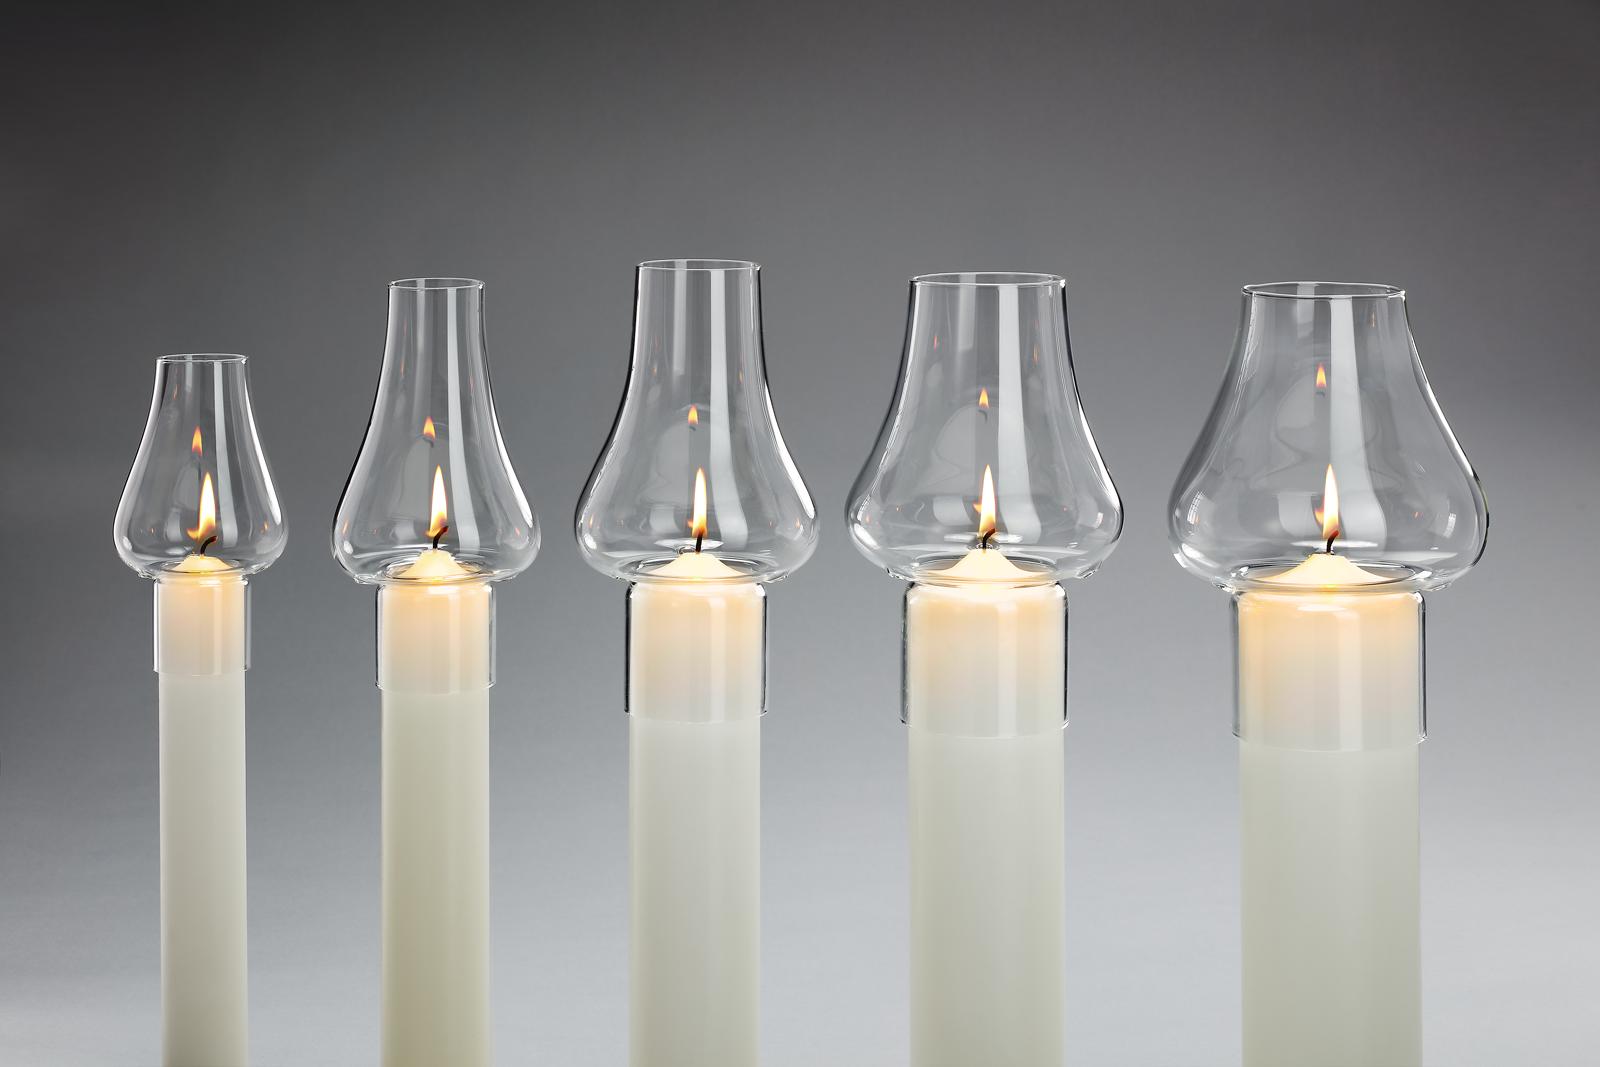 kirchenbedarf friedrich windschutz glas f r kerzen mit 5 cm durchmesser online kaufen. Black Bedroom Furniture Sets. Home Design Ideas